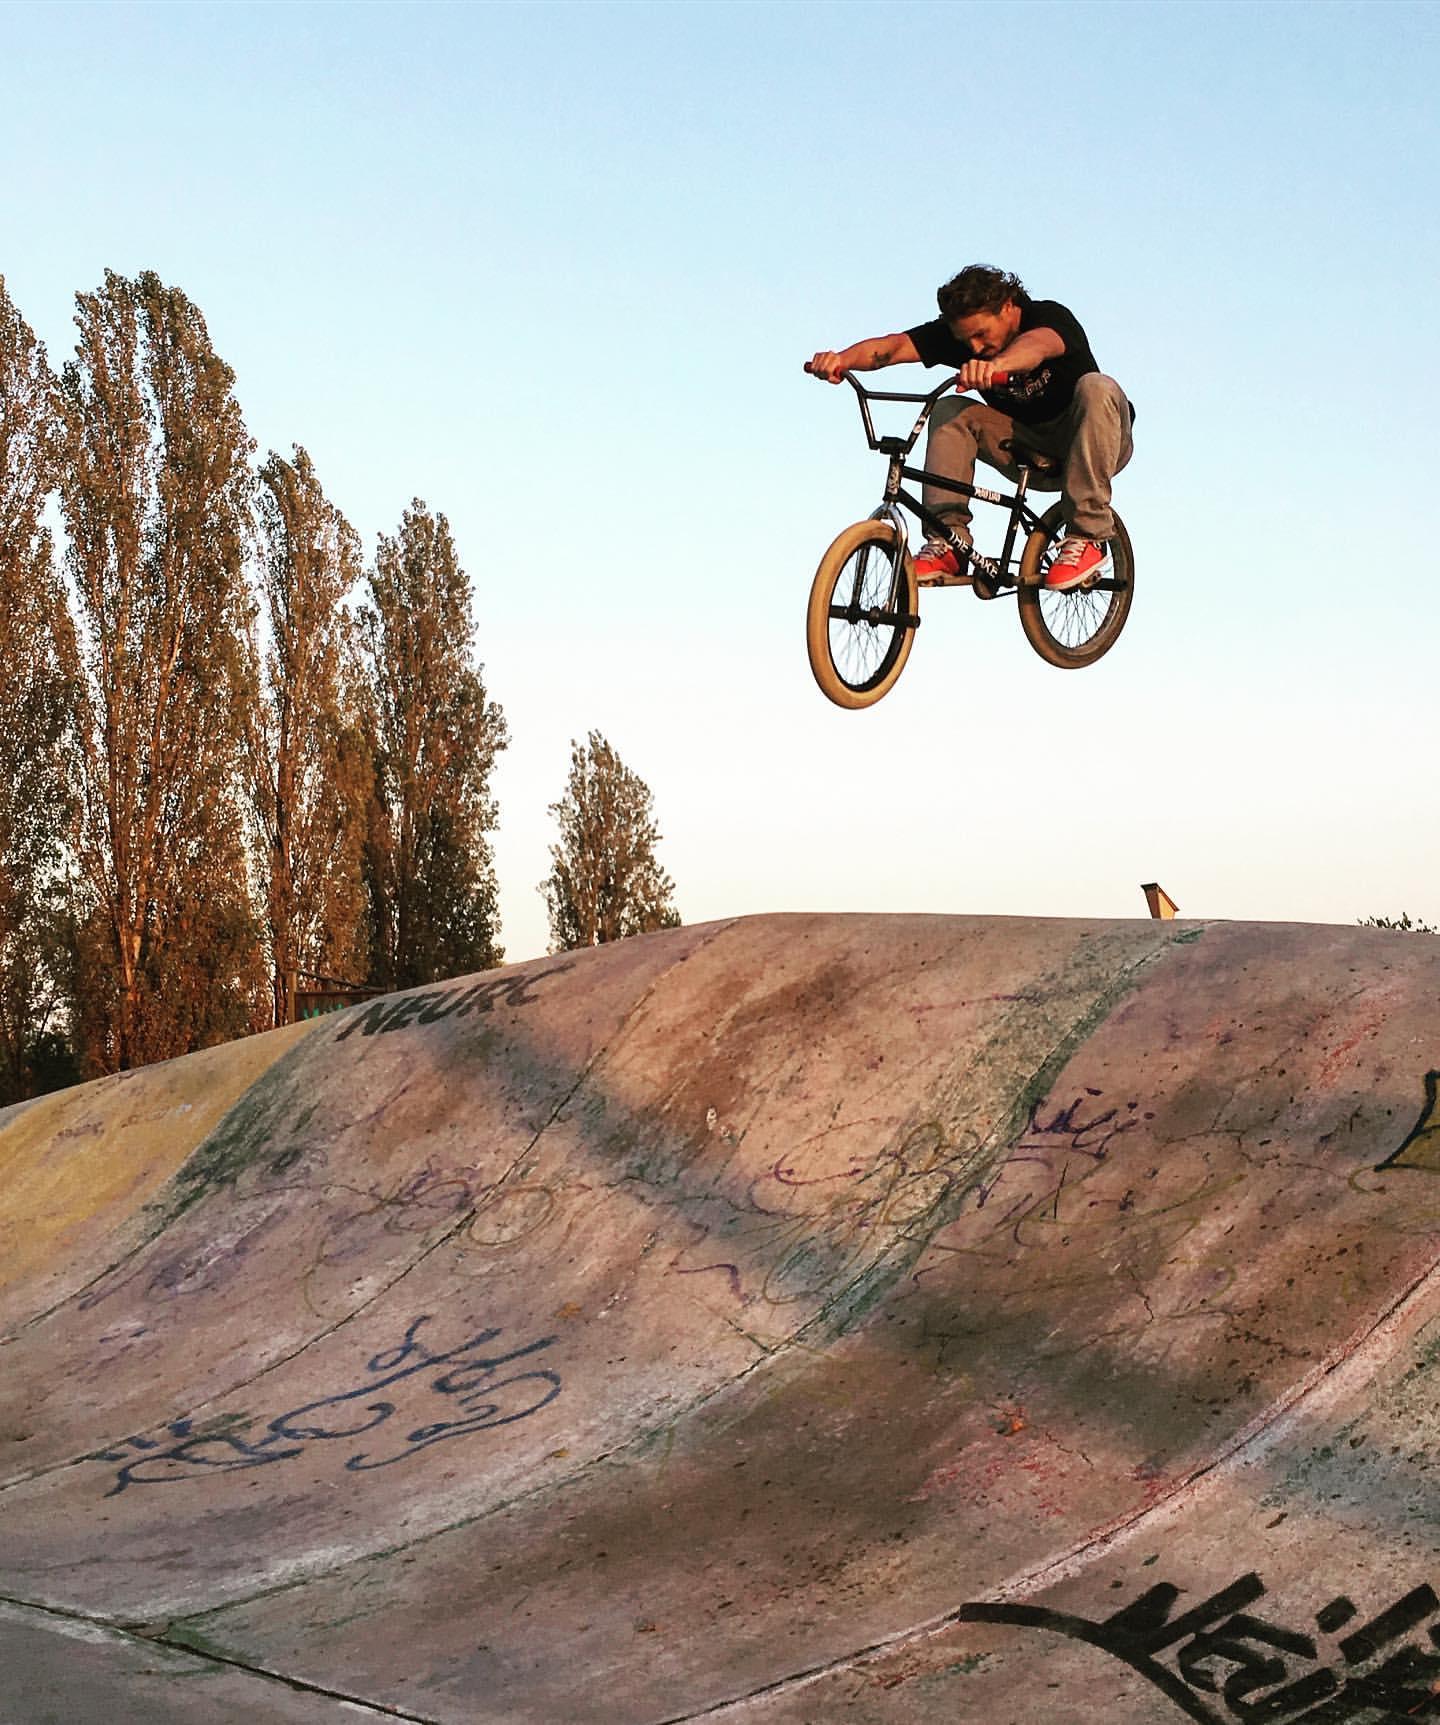 skatepark bmx le gobbe modena urbaner centro studi culture urbane